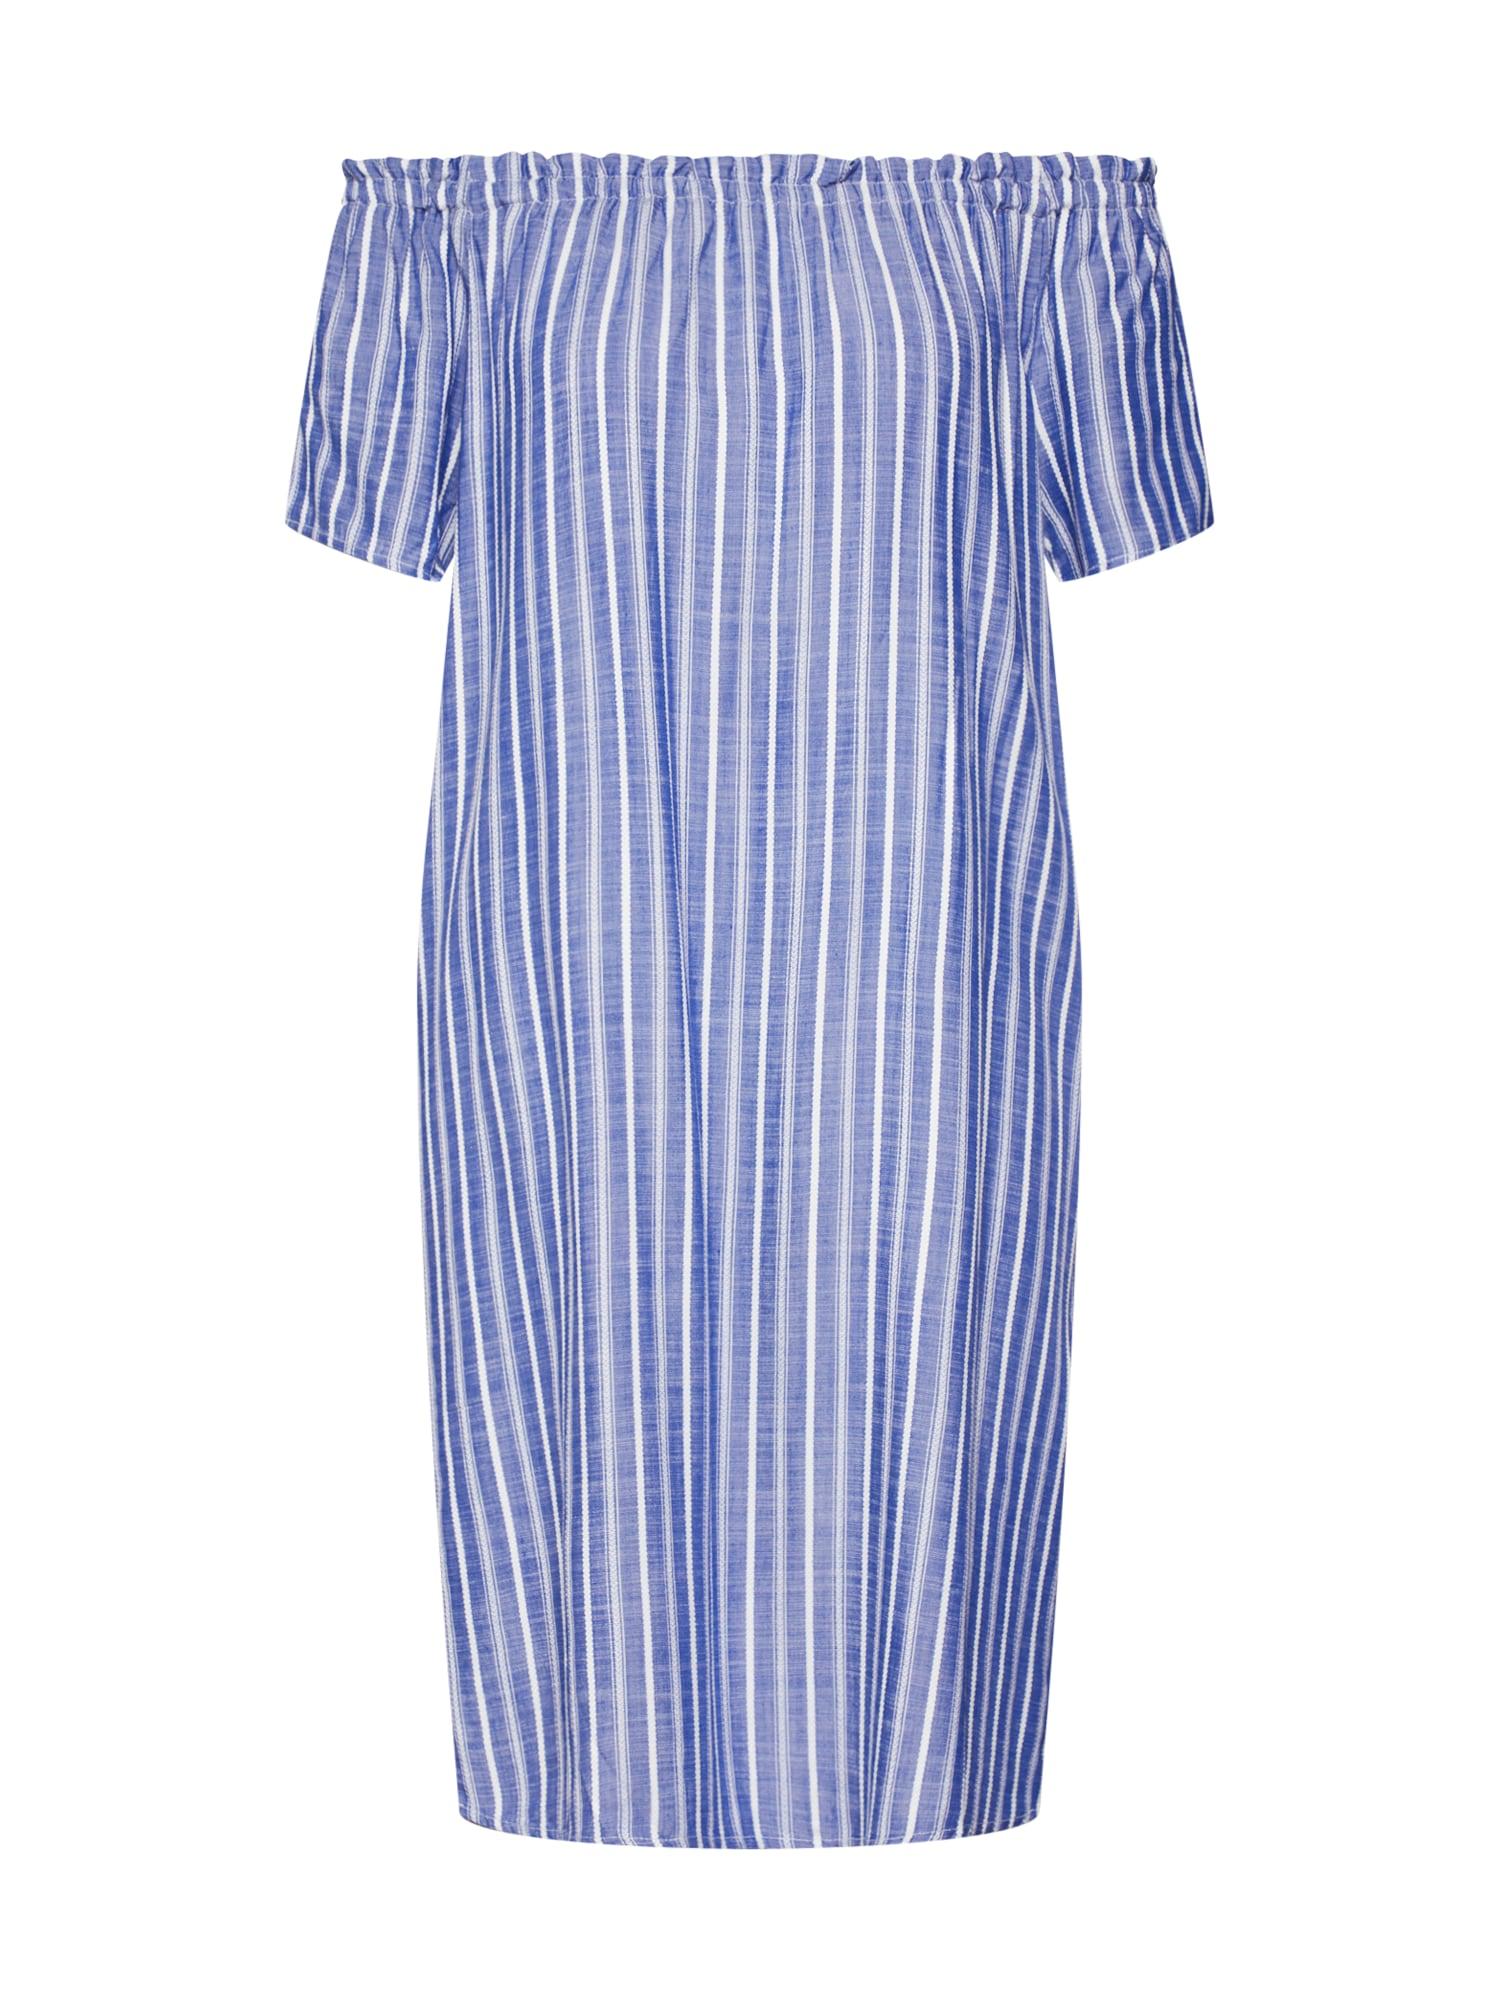 Letní šaty EOS yarn dyed striped Carmen D modrá STREET ONE